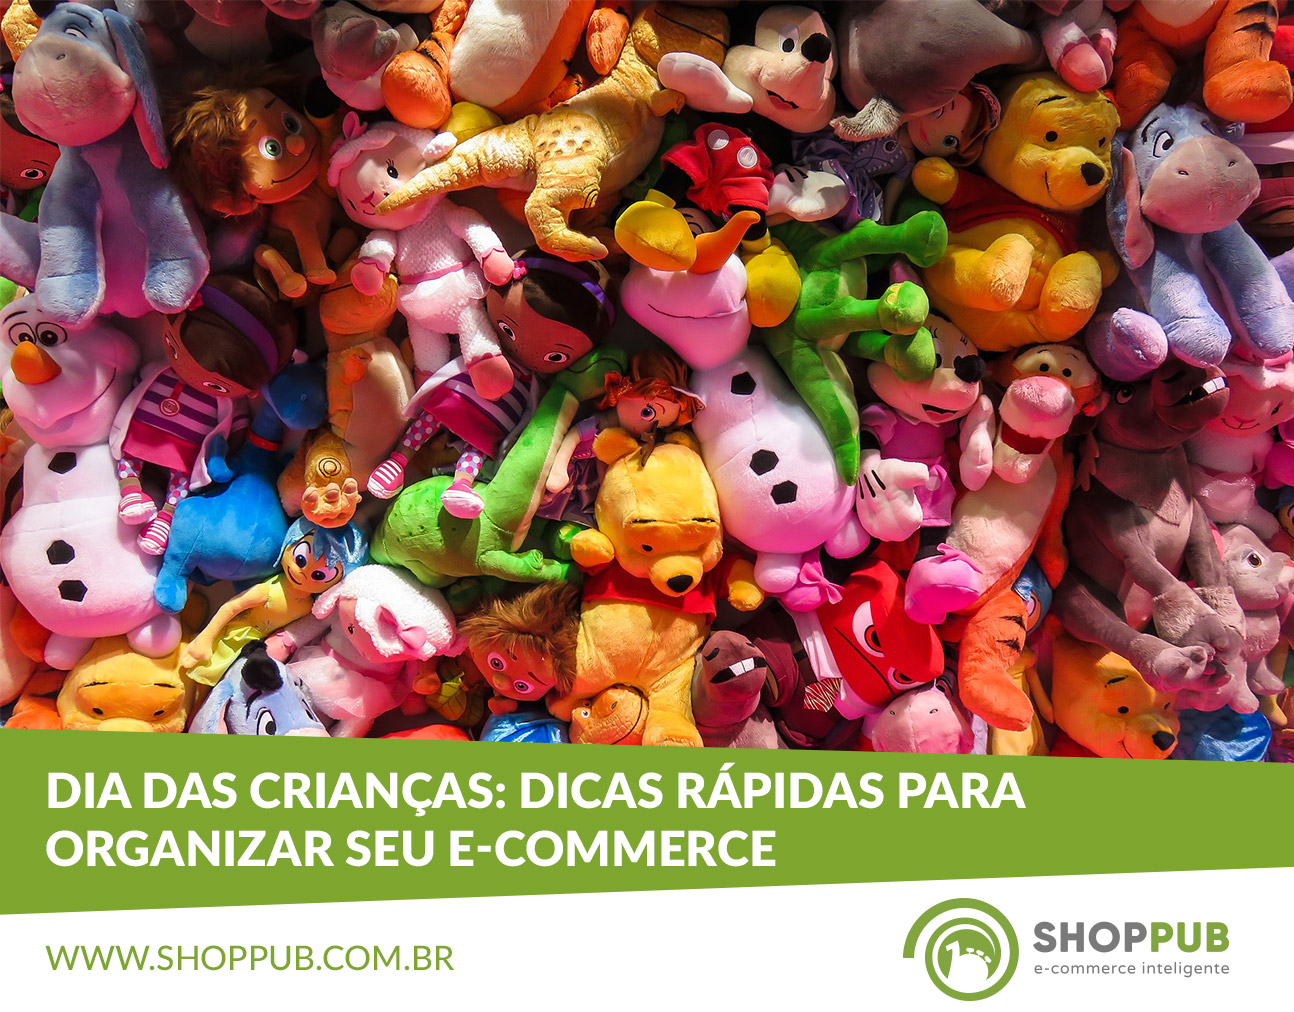 Dia das Crianças: Dicas rápidas para organizar seu e-commerce